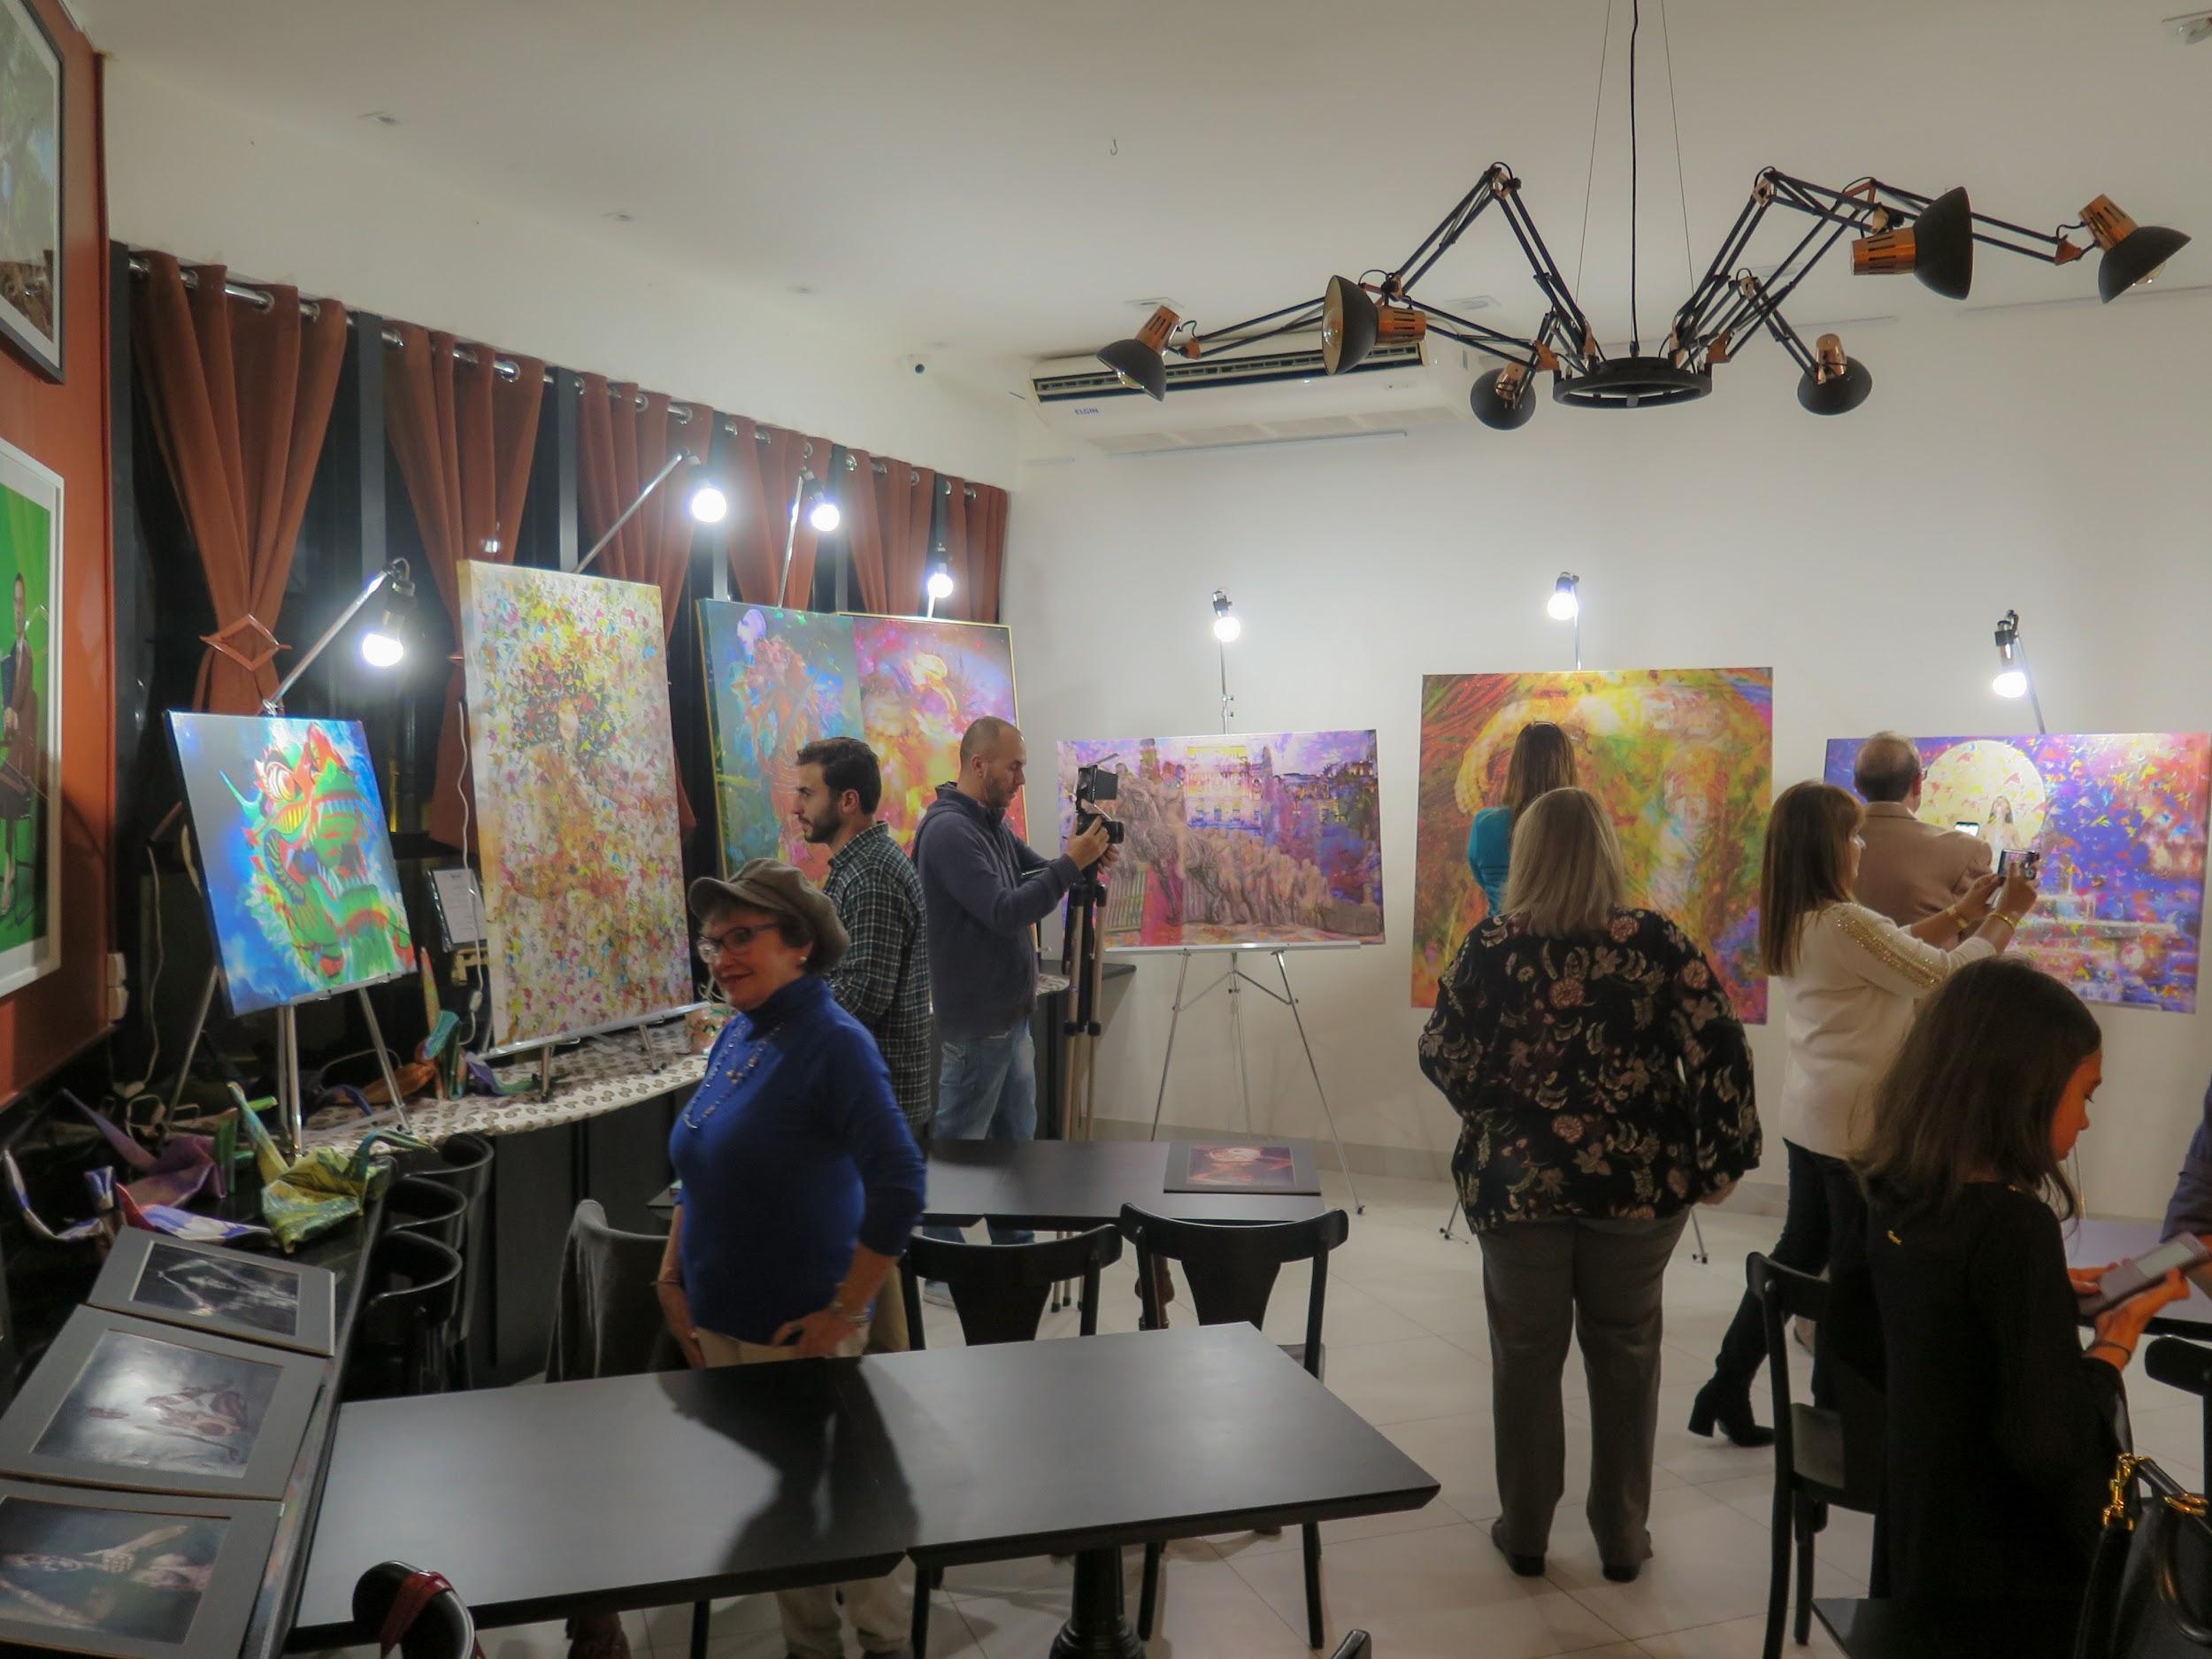 Público do Workshop de Henrique Vieira Filho selecionando dentre suas obras por critérios emocionais e, até mesmo, aleatórios, como o sorteio